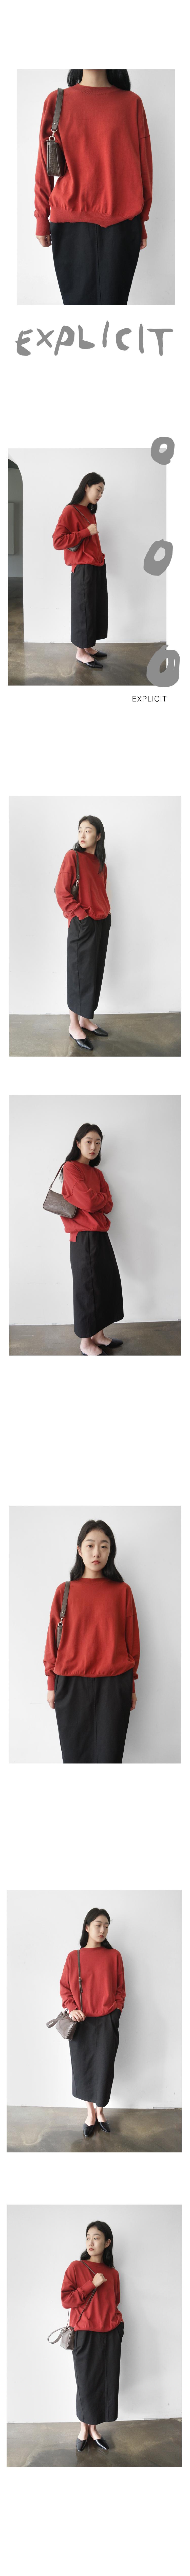 avant-garde cotton skirt